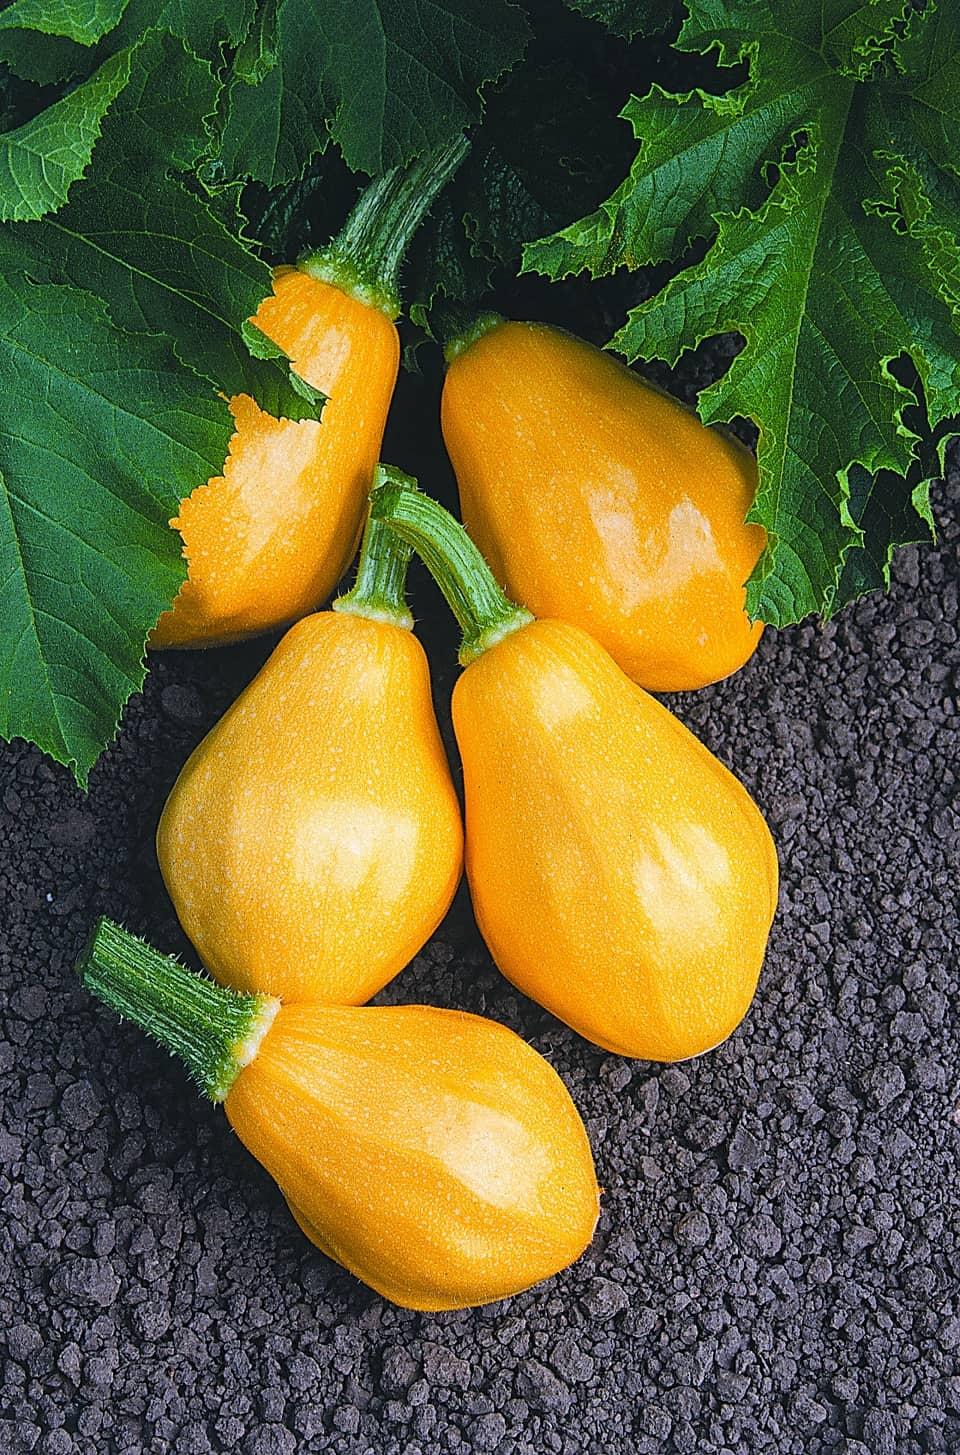 Squash Papaya Pear F1 All America Selections